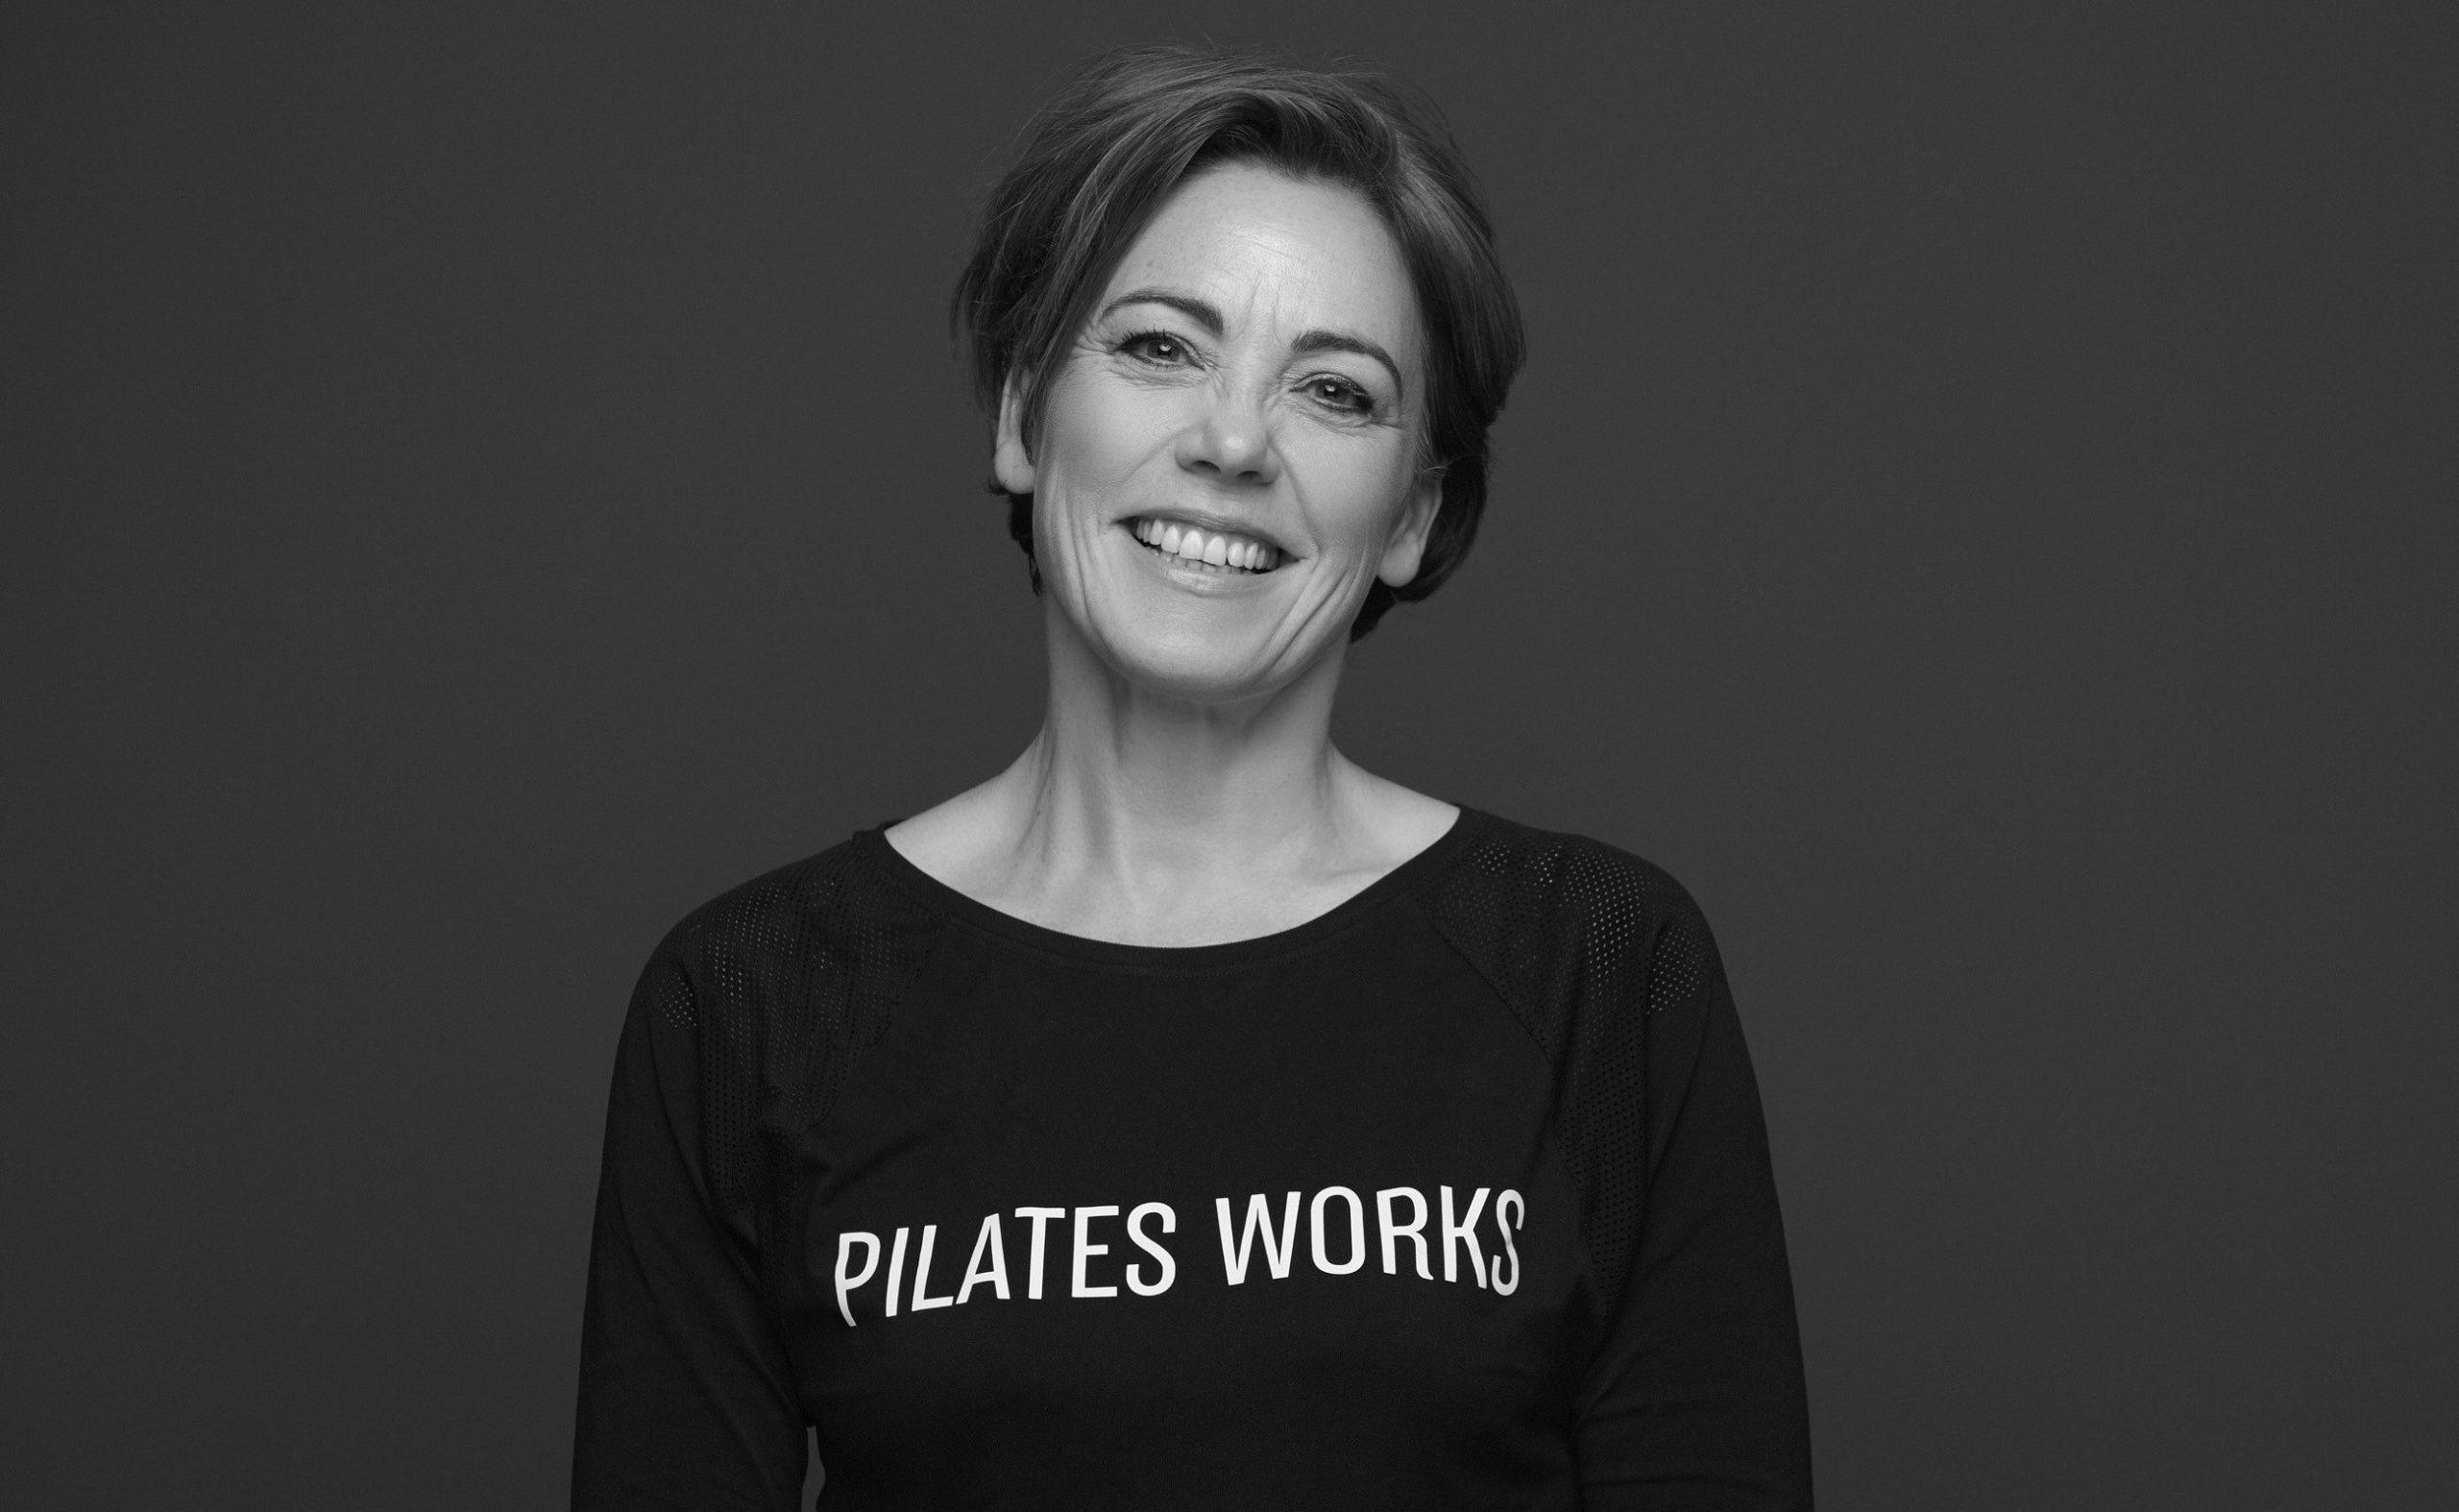 Sophie Hatton, Studio Owner, Pilates Works